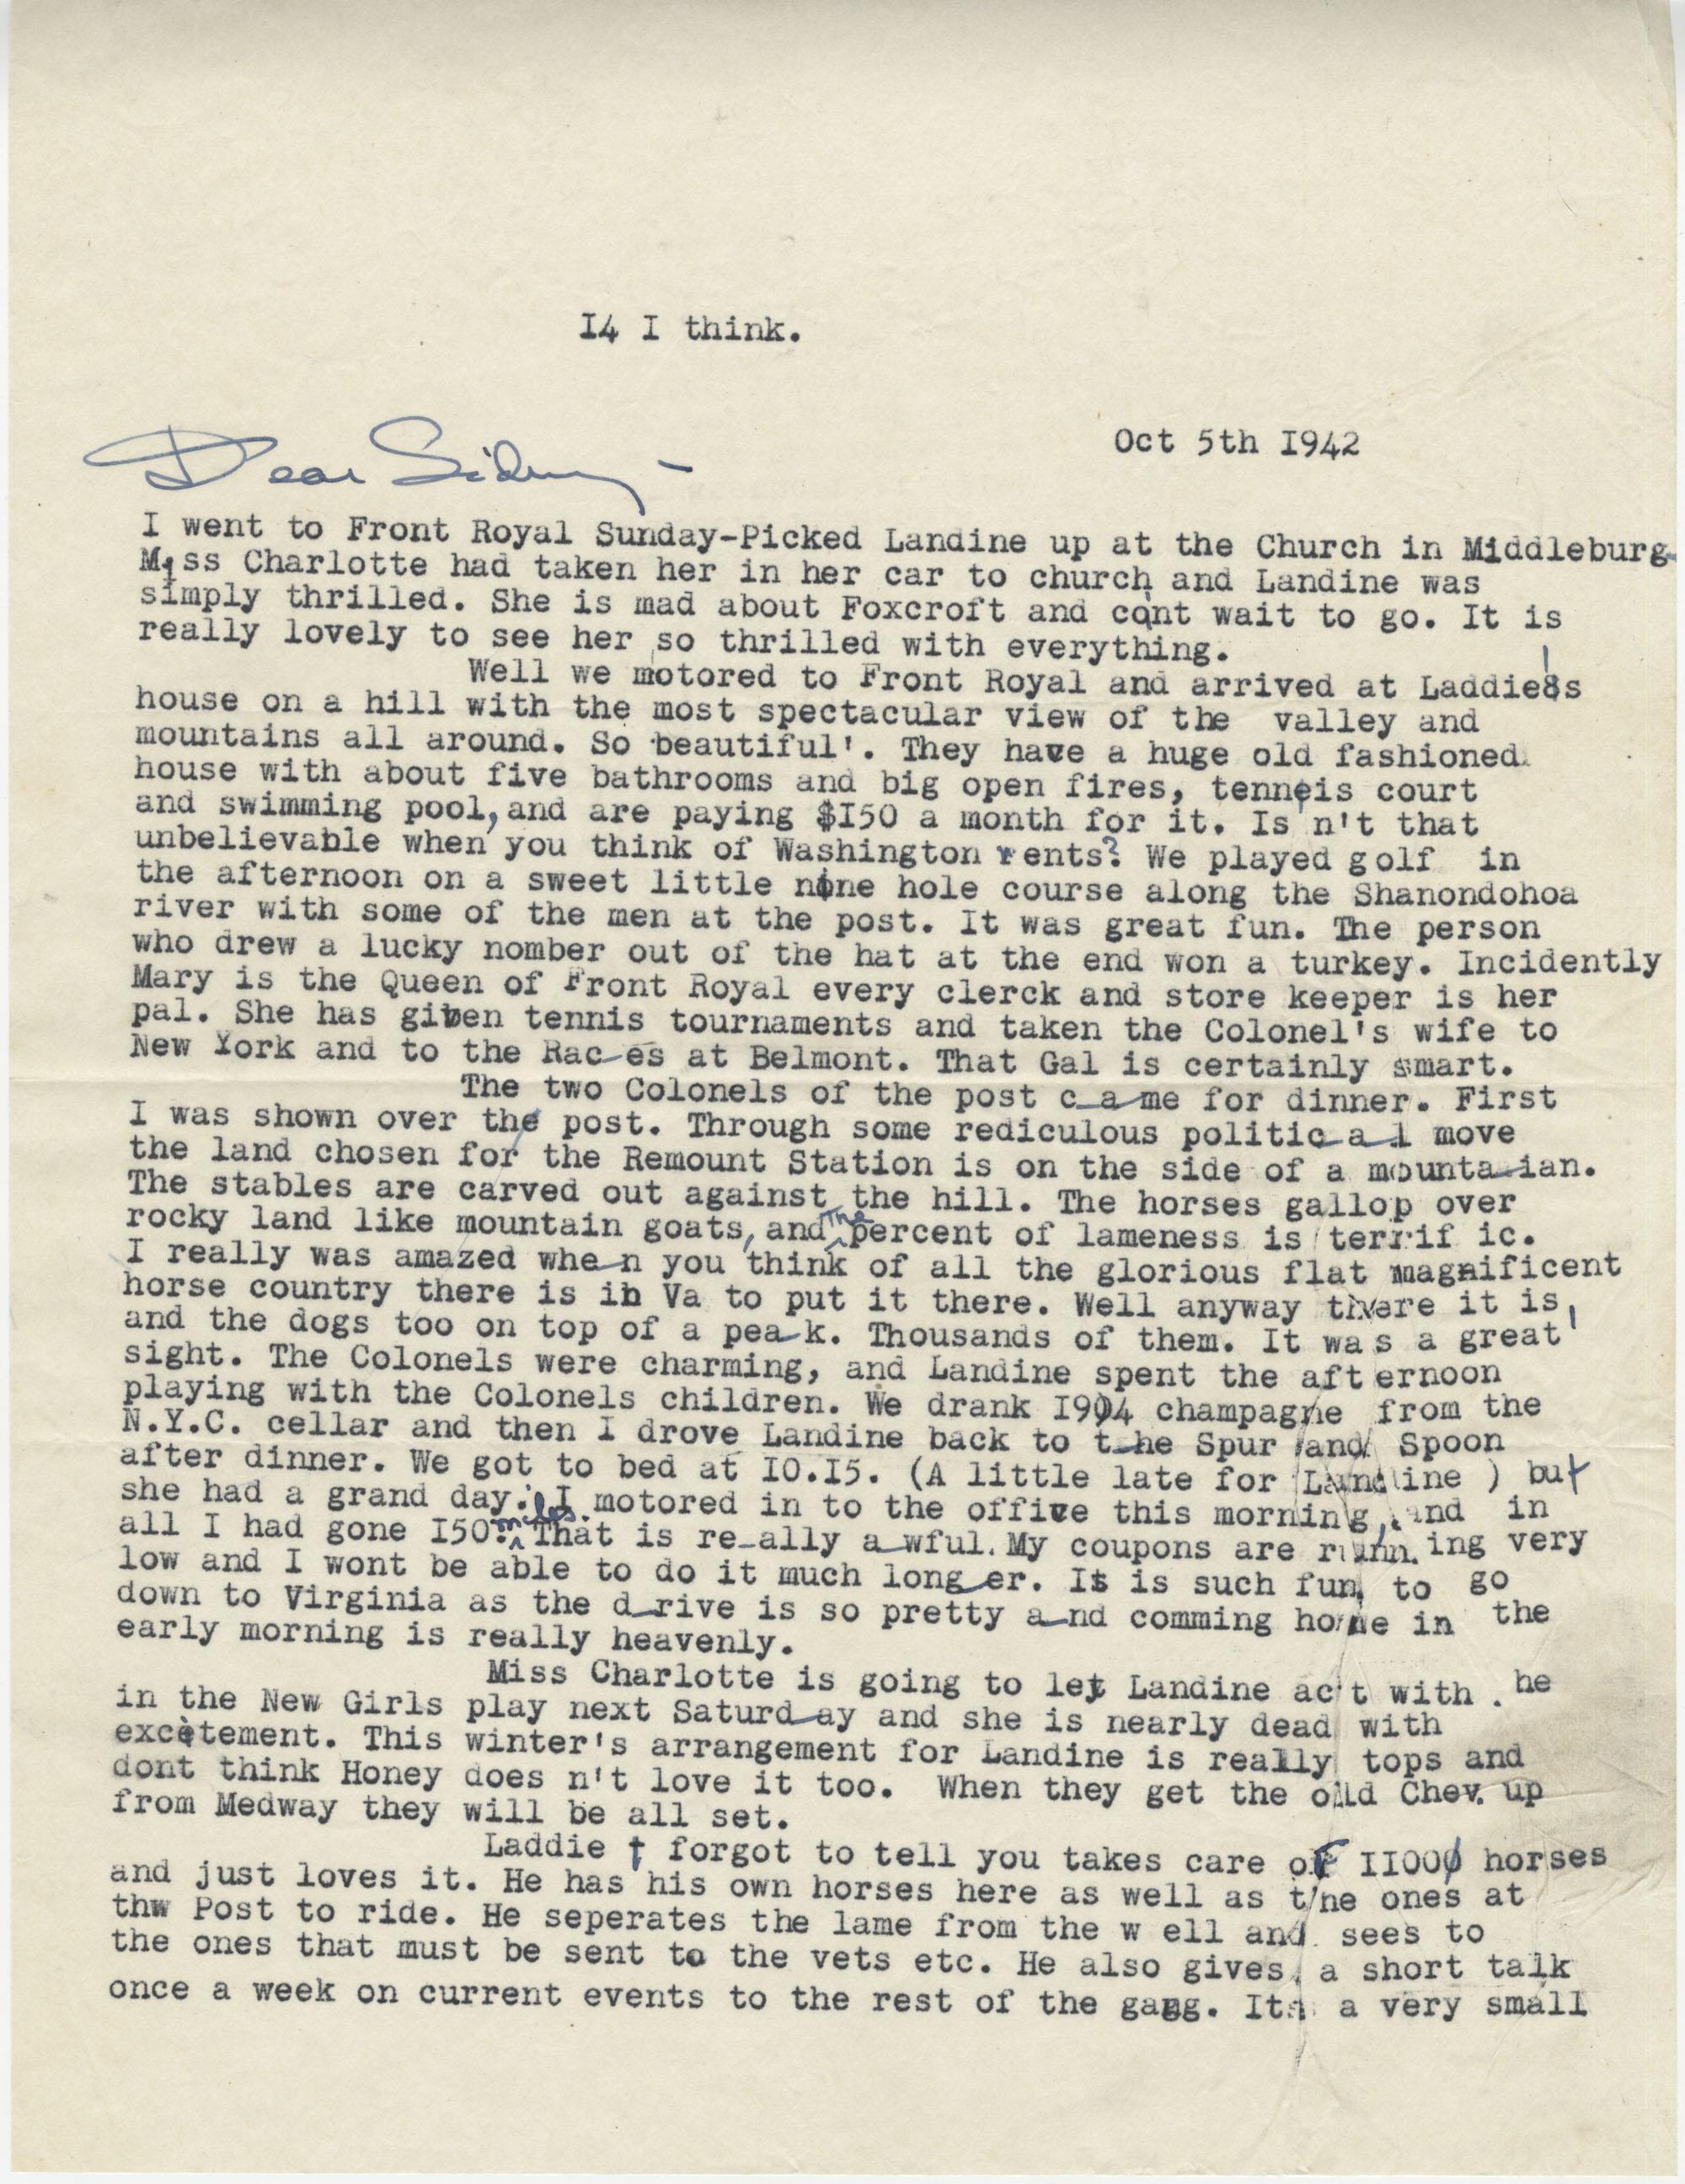 Letter from Gertrude Sanford Legendre, October 5, 1942